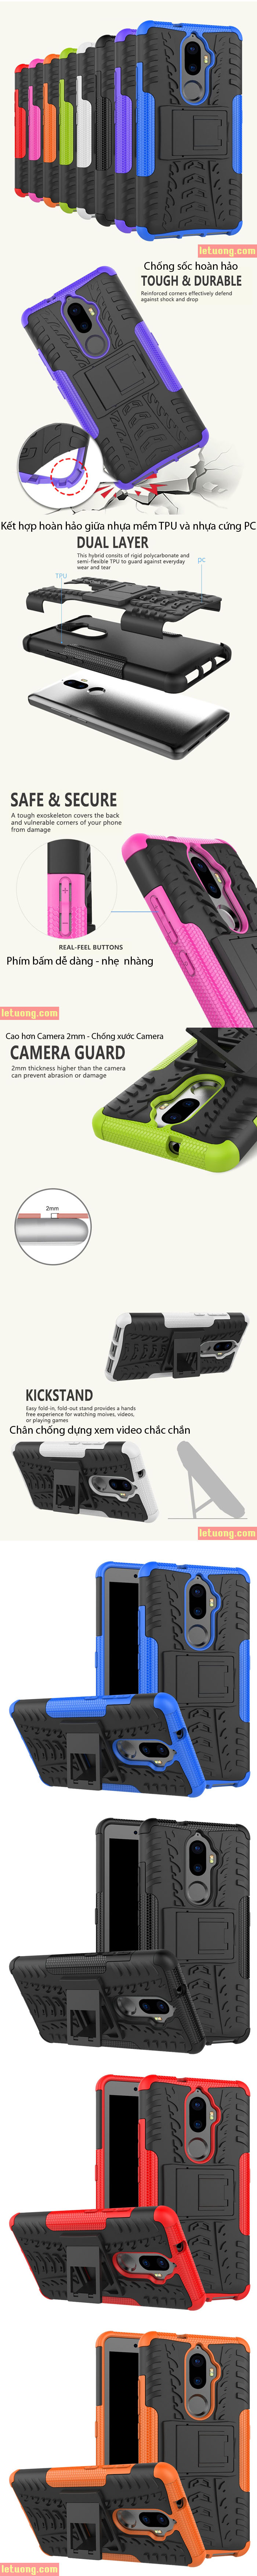 Ốp lưng Lenovo K8 Plus LT Armor Special chống sốc có chân chống 1